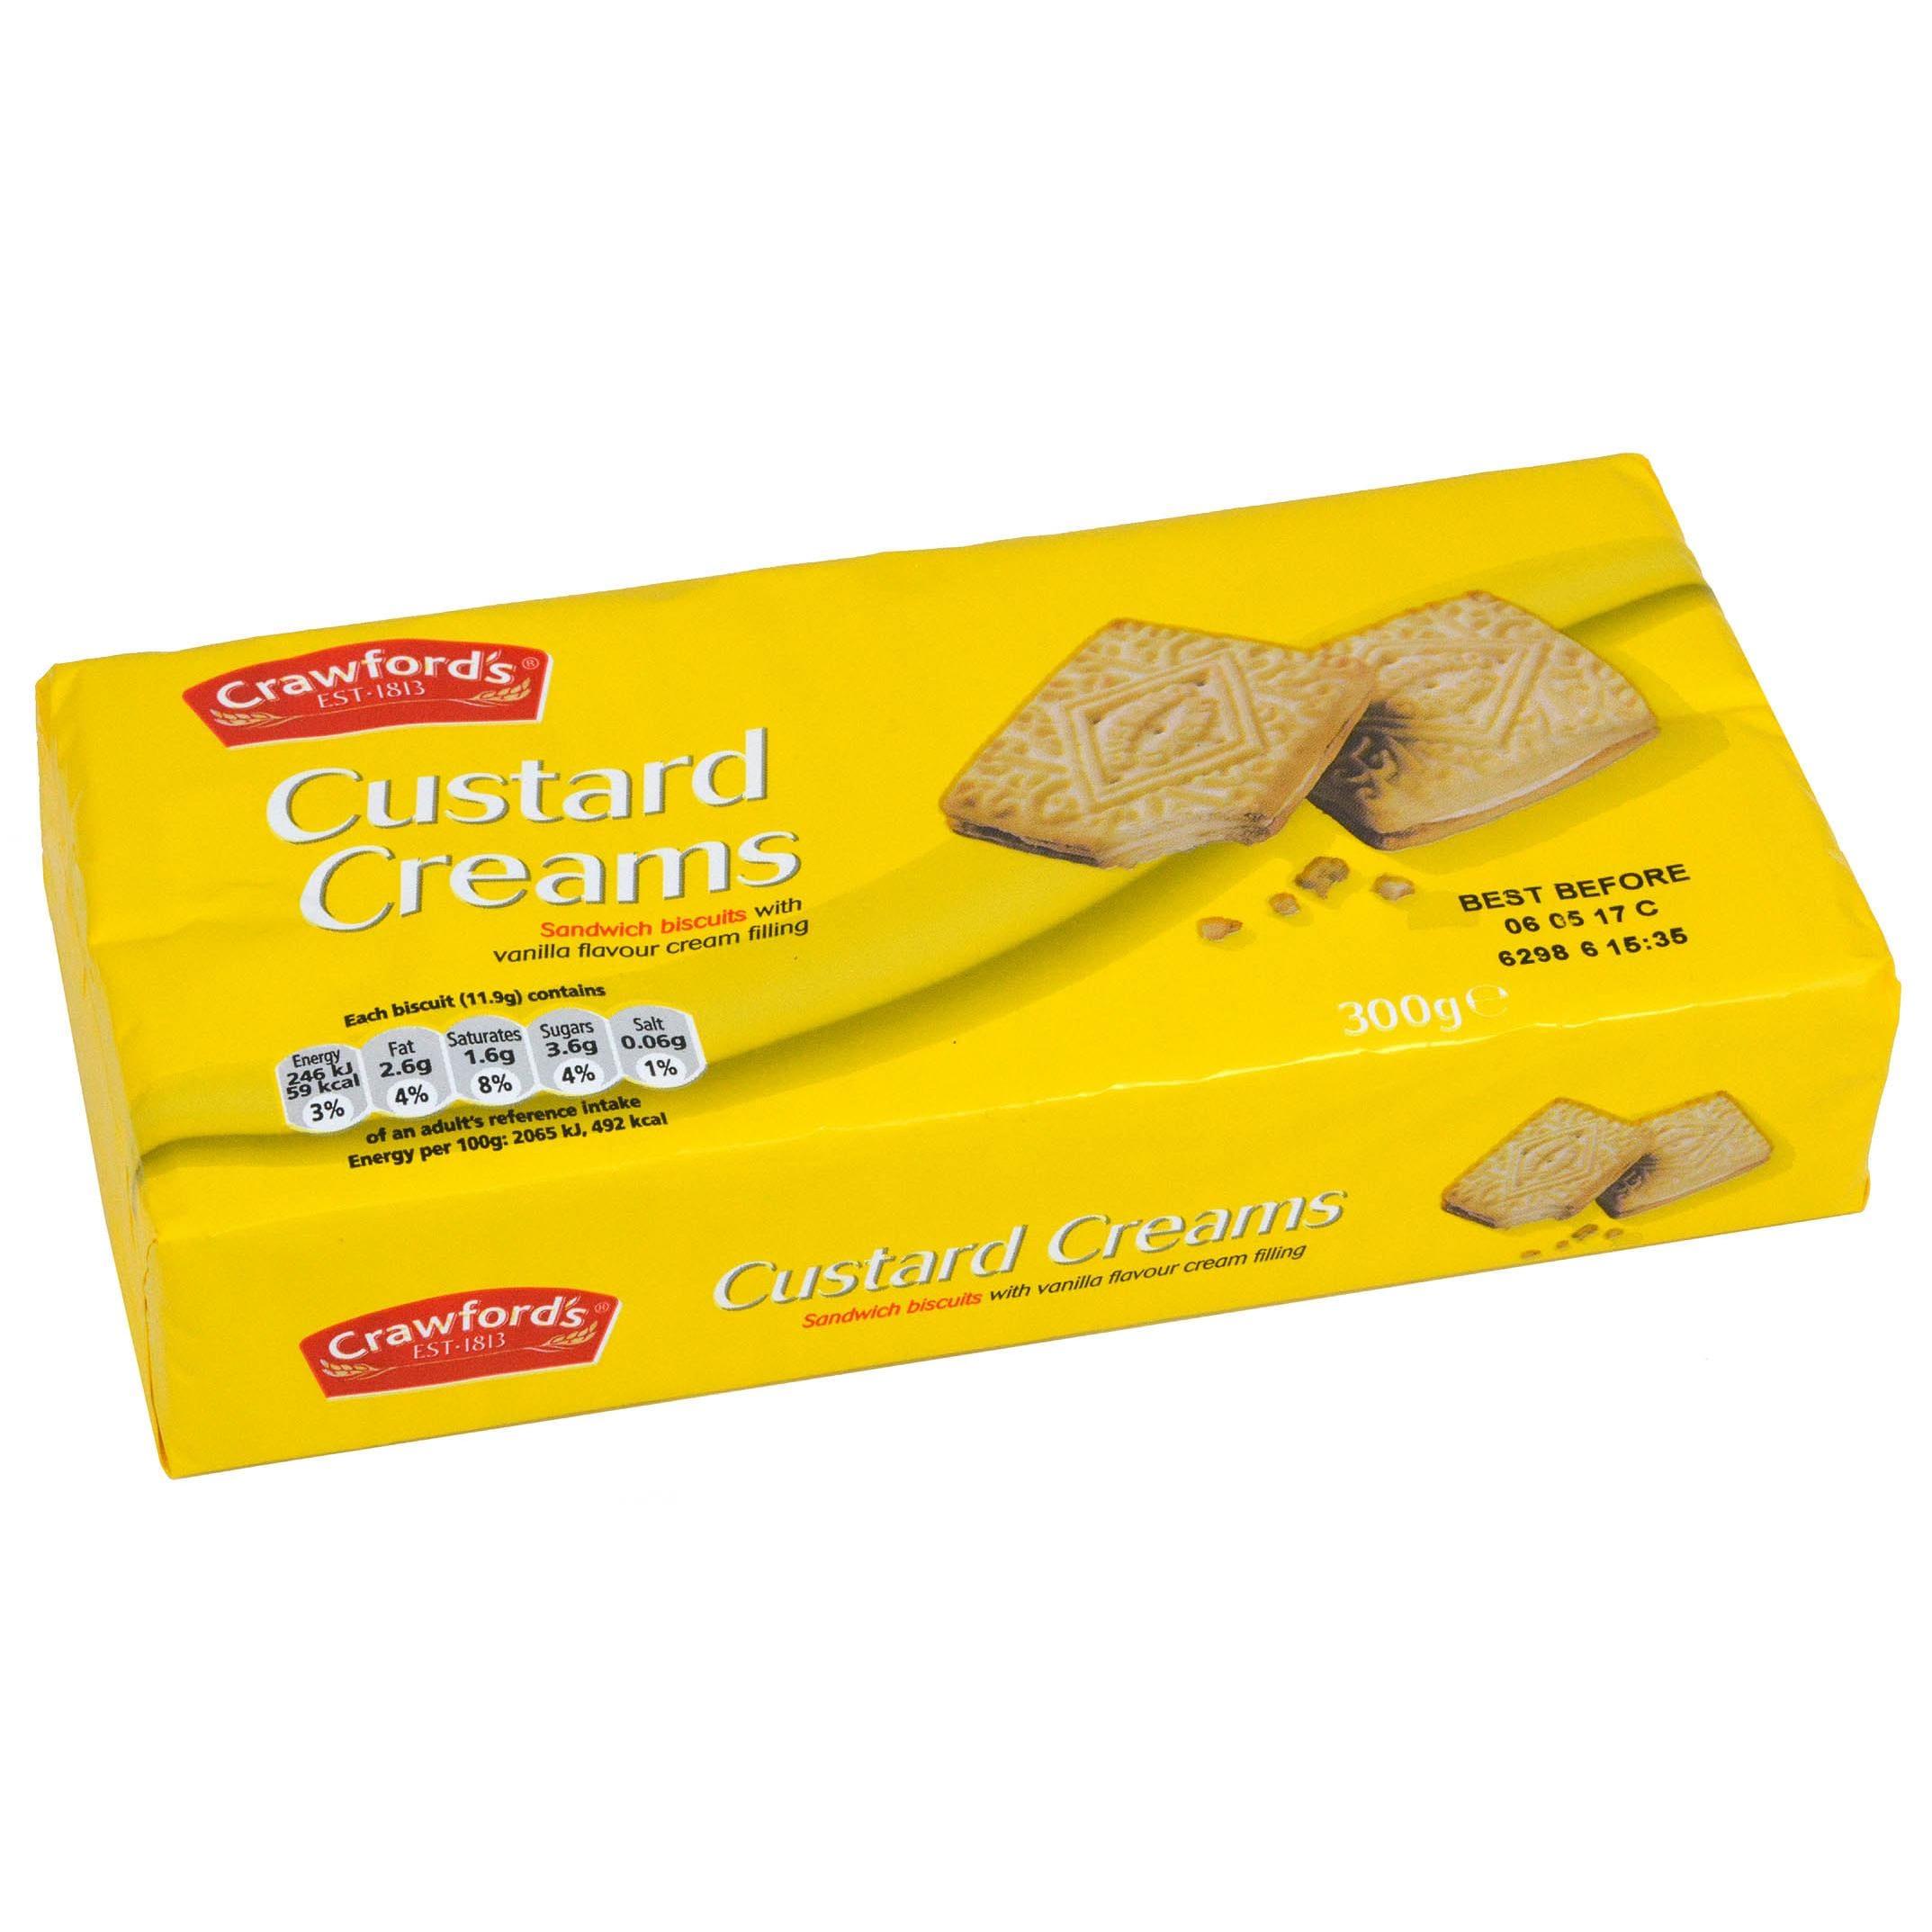 Crawfords Custard Creams 300g - Doppelkekse mit Creme-Füllung